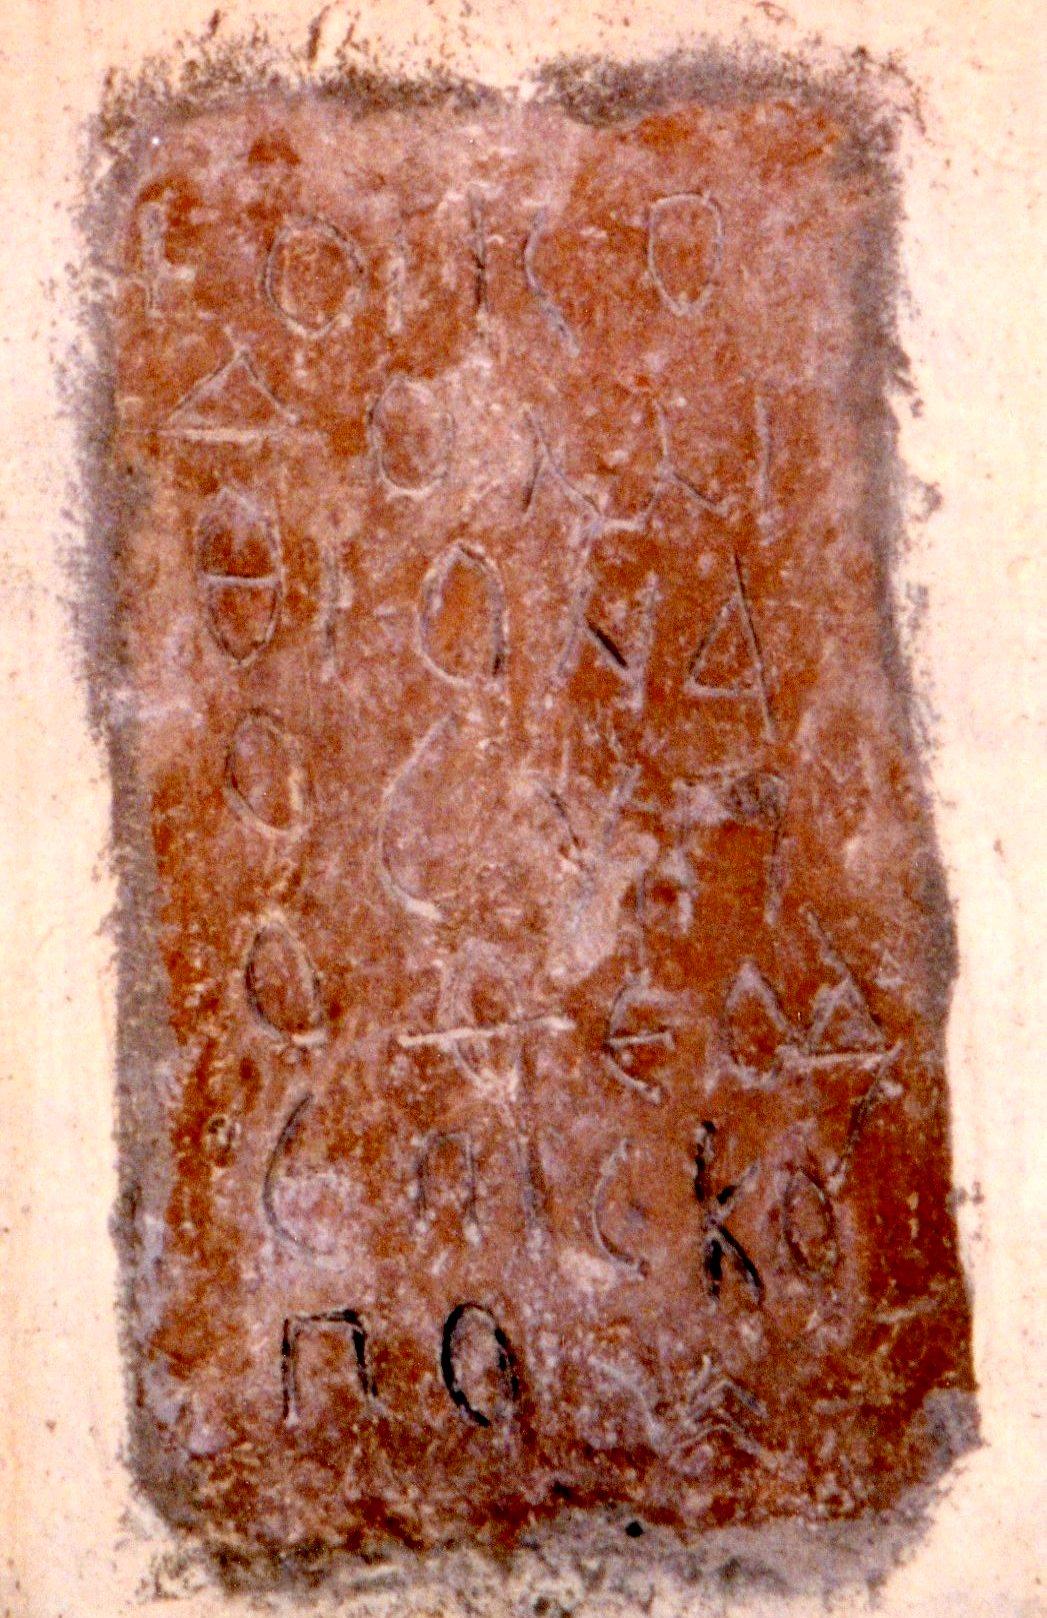 tegola con iscrizione greca